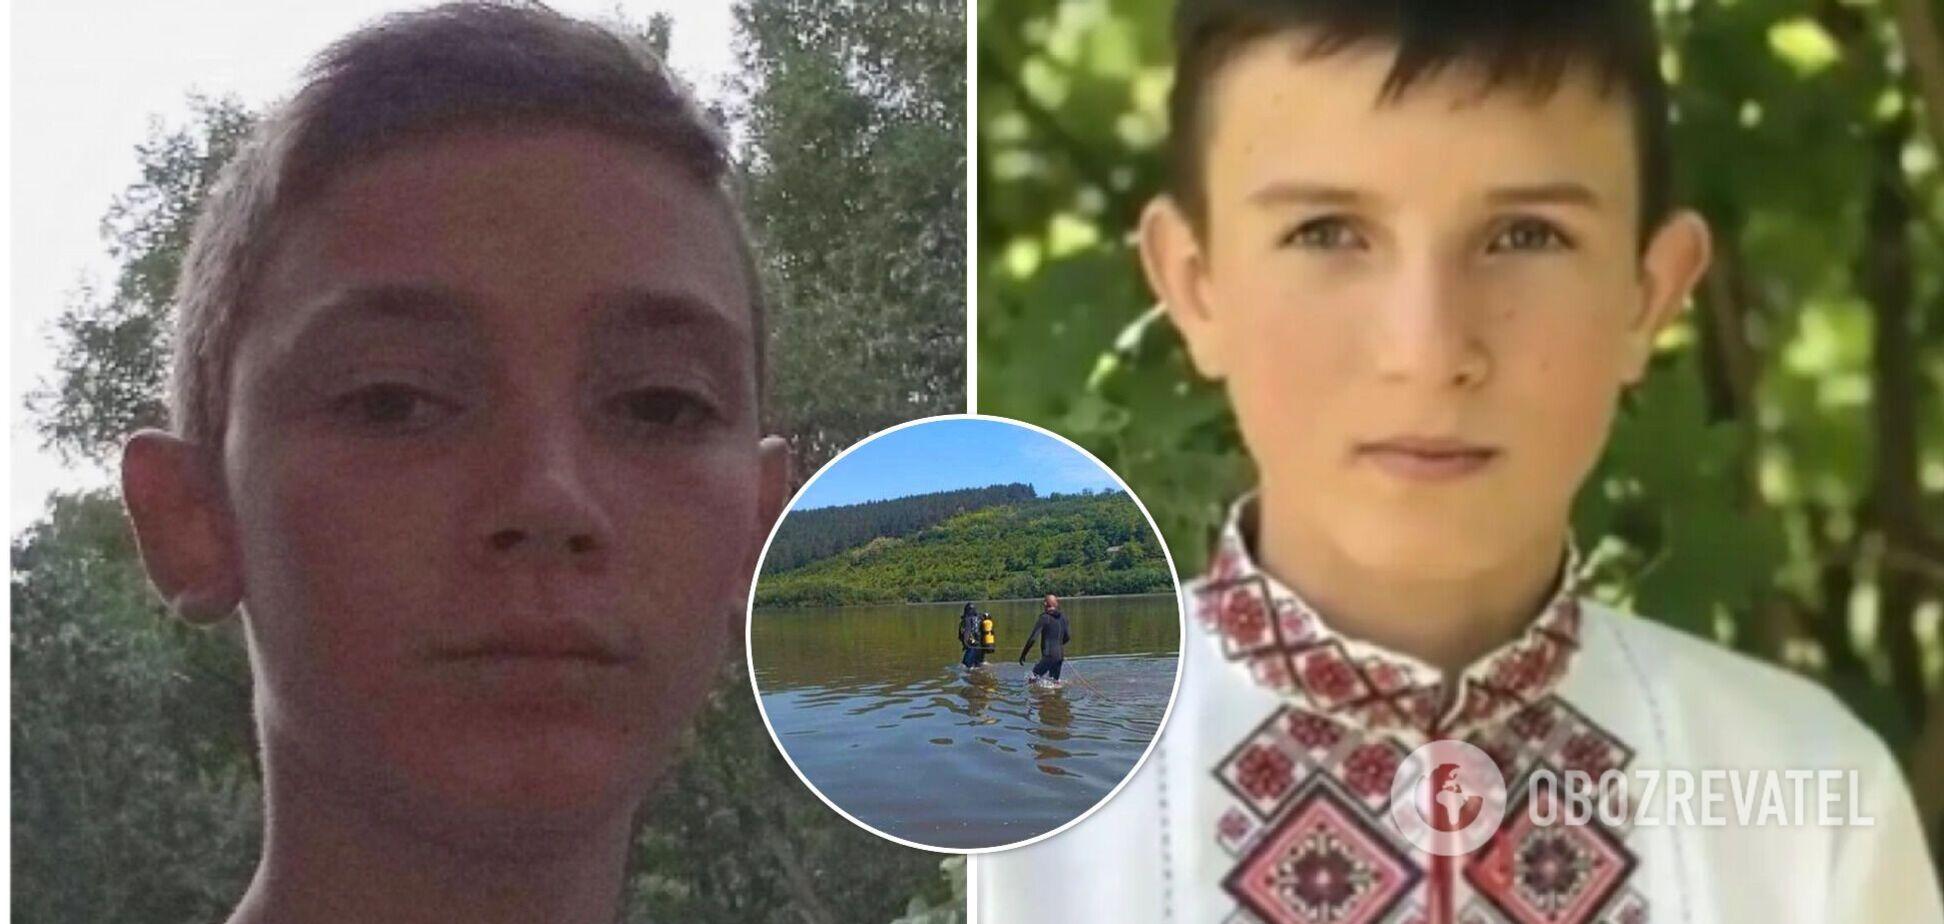 Двух пропавших во время ночной рыбалки подростков нашли мертвыми в Тернопольской области